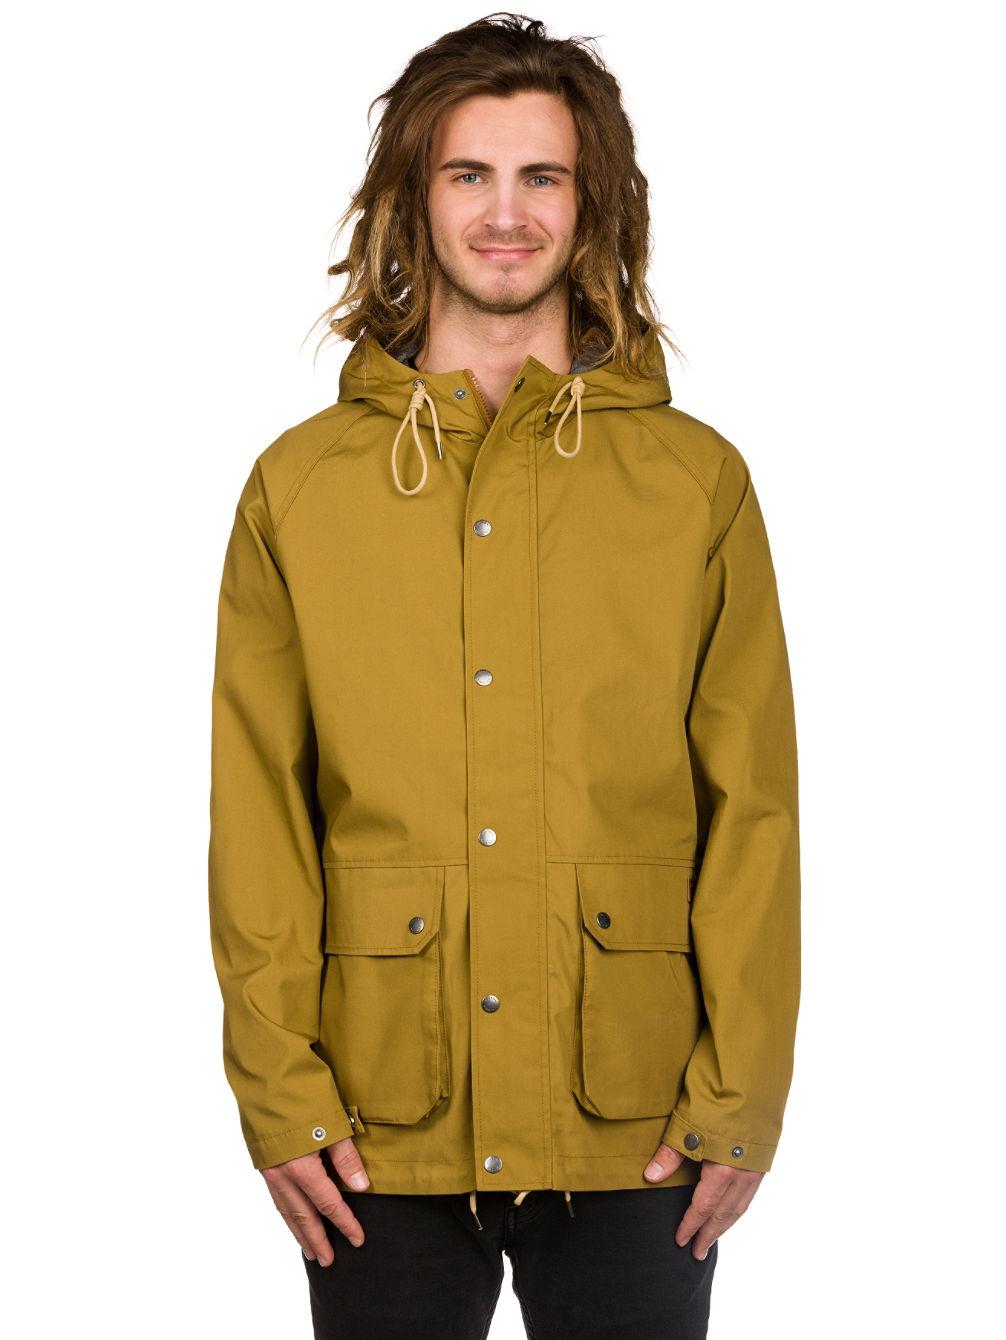 volcom-wenson-update-jacket